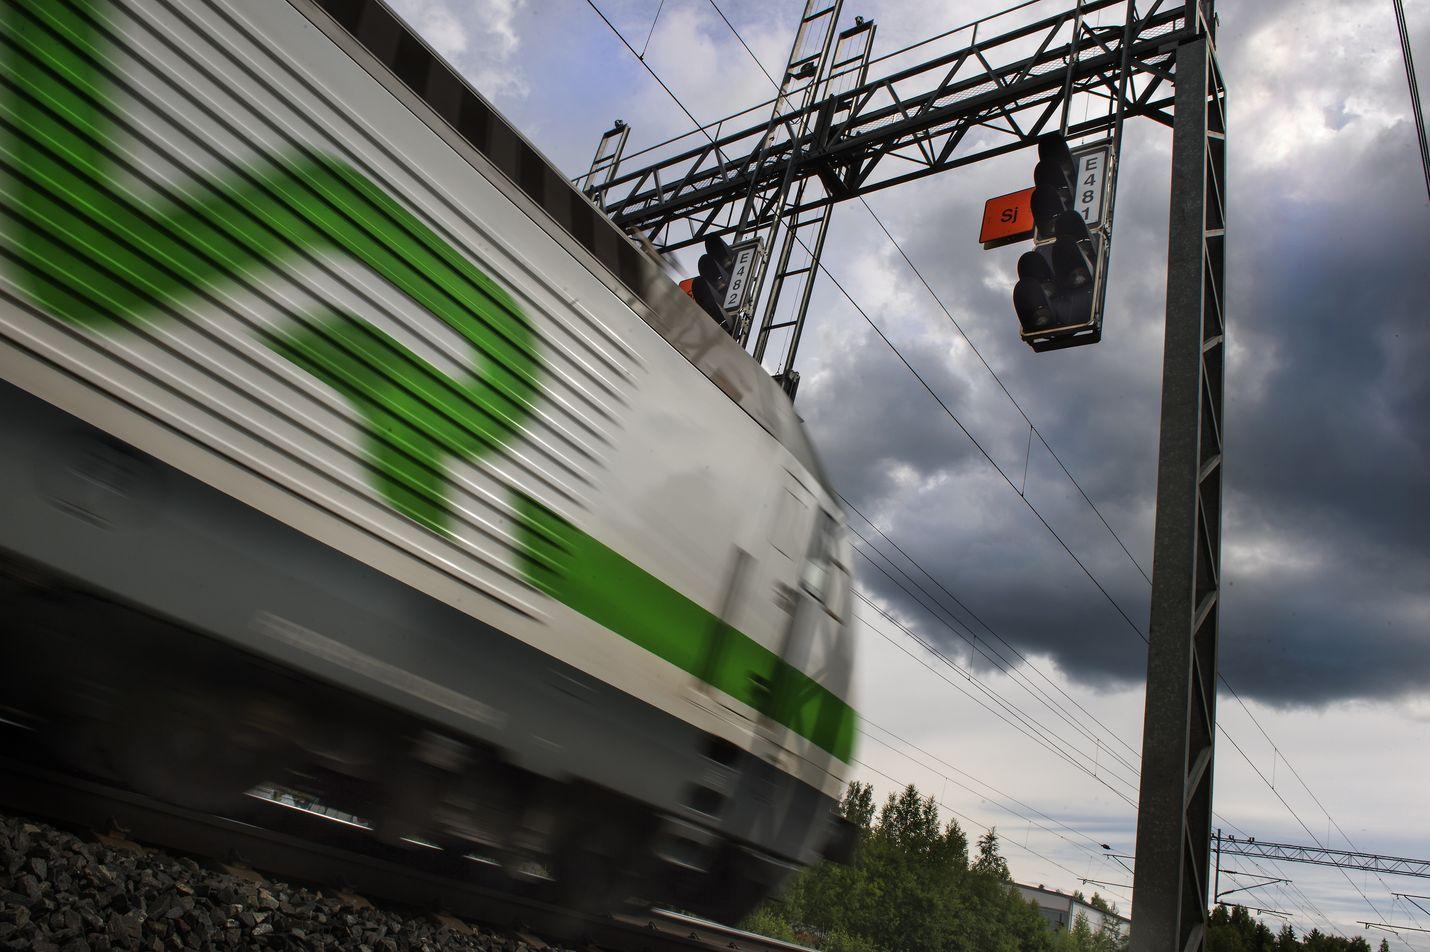 Turun tunnin juna valmistumisarvio on nyt vuoden 2031 loppu. Helsingin ja Tampereen välinen nykyistä nopeampi liikenne voisi alkaa vuonna 2036.